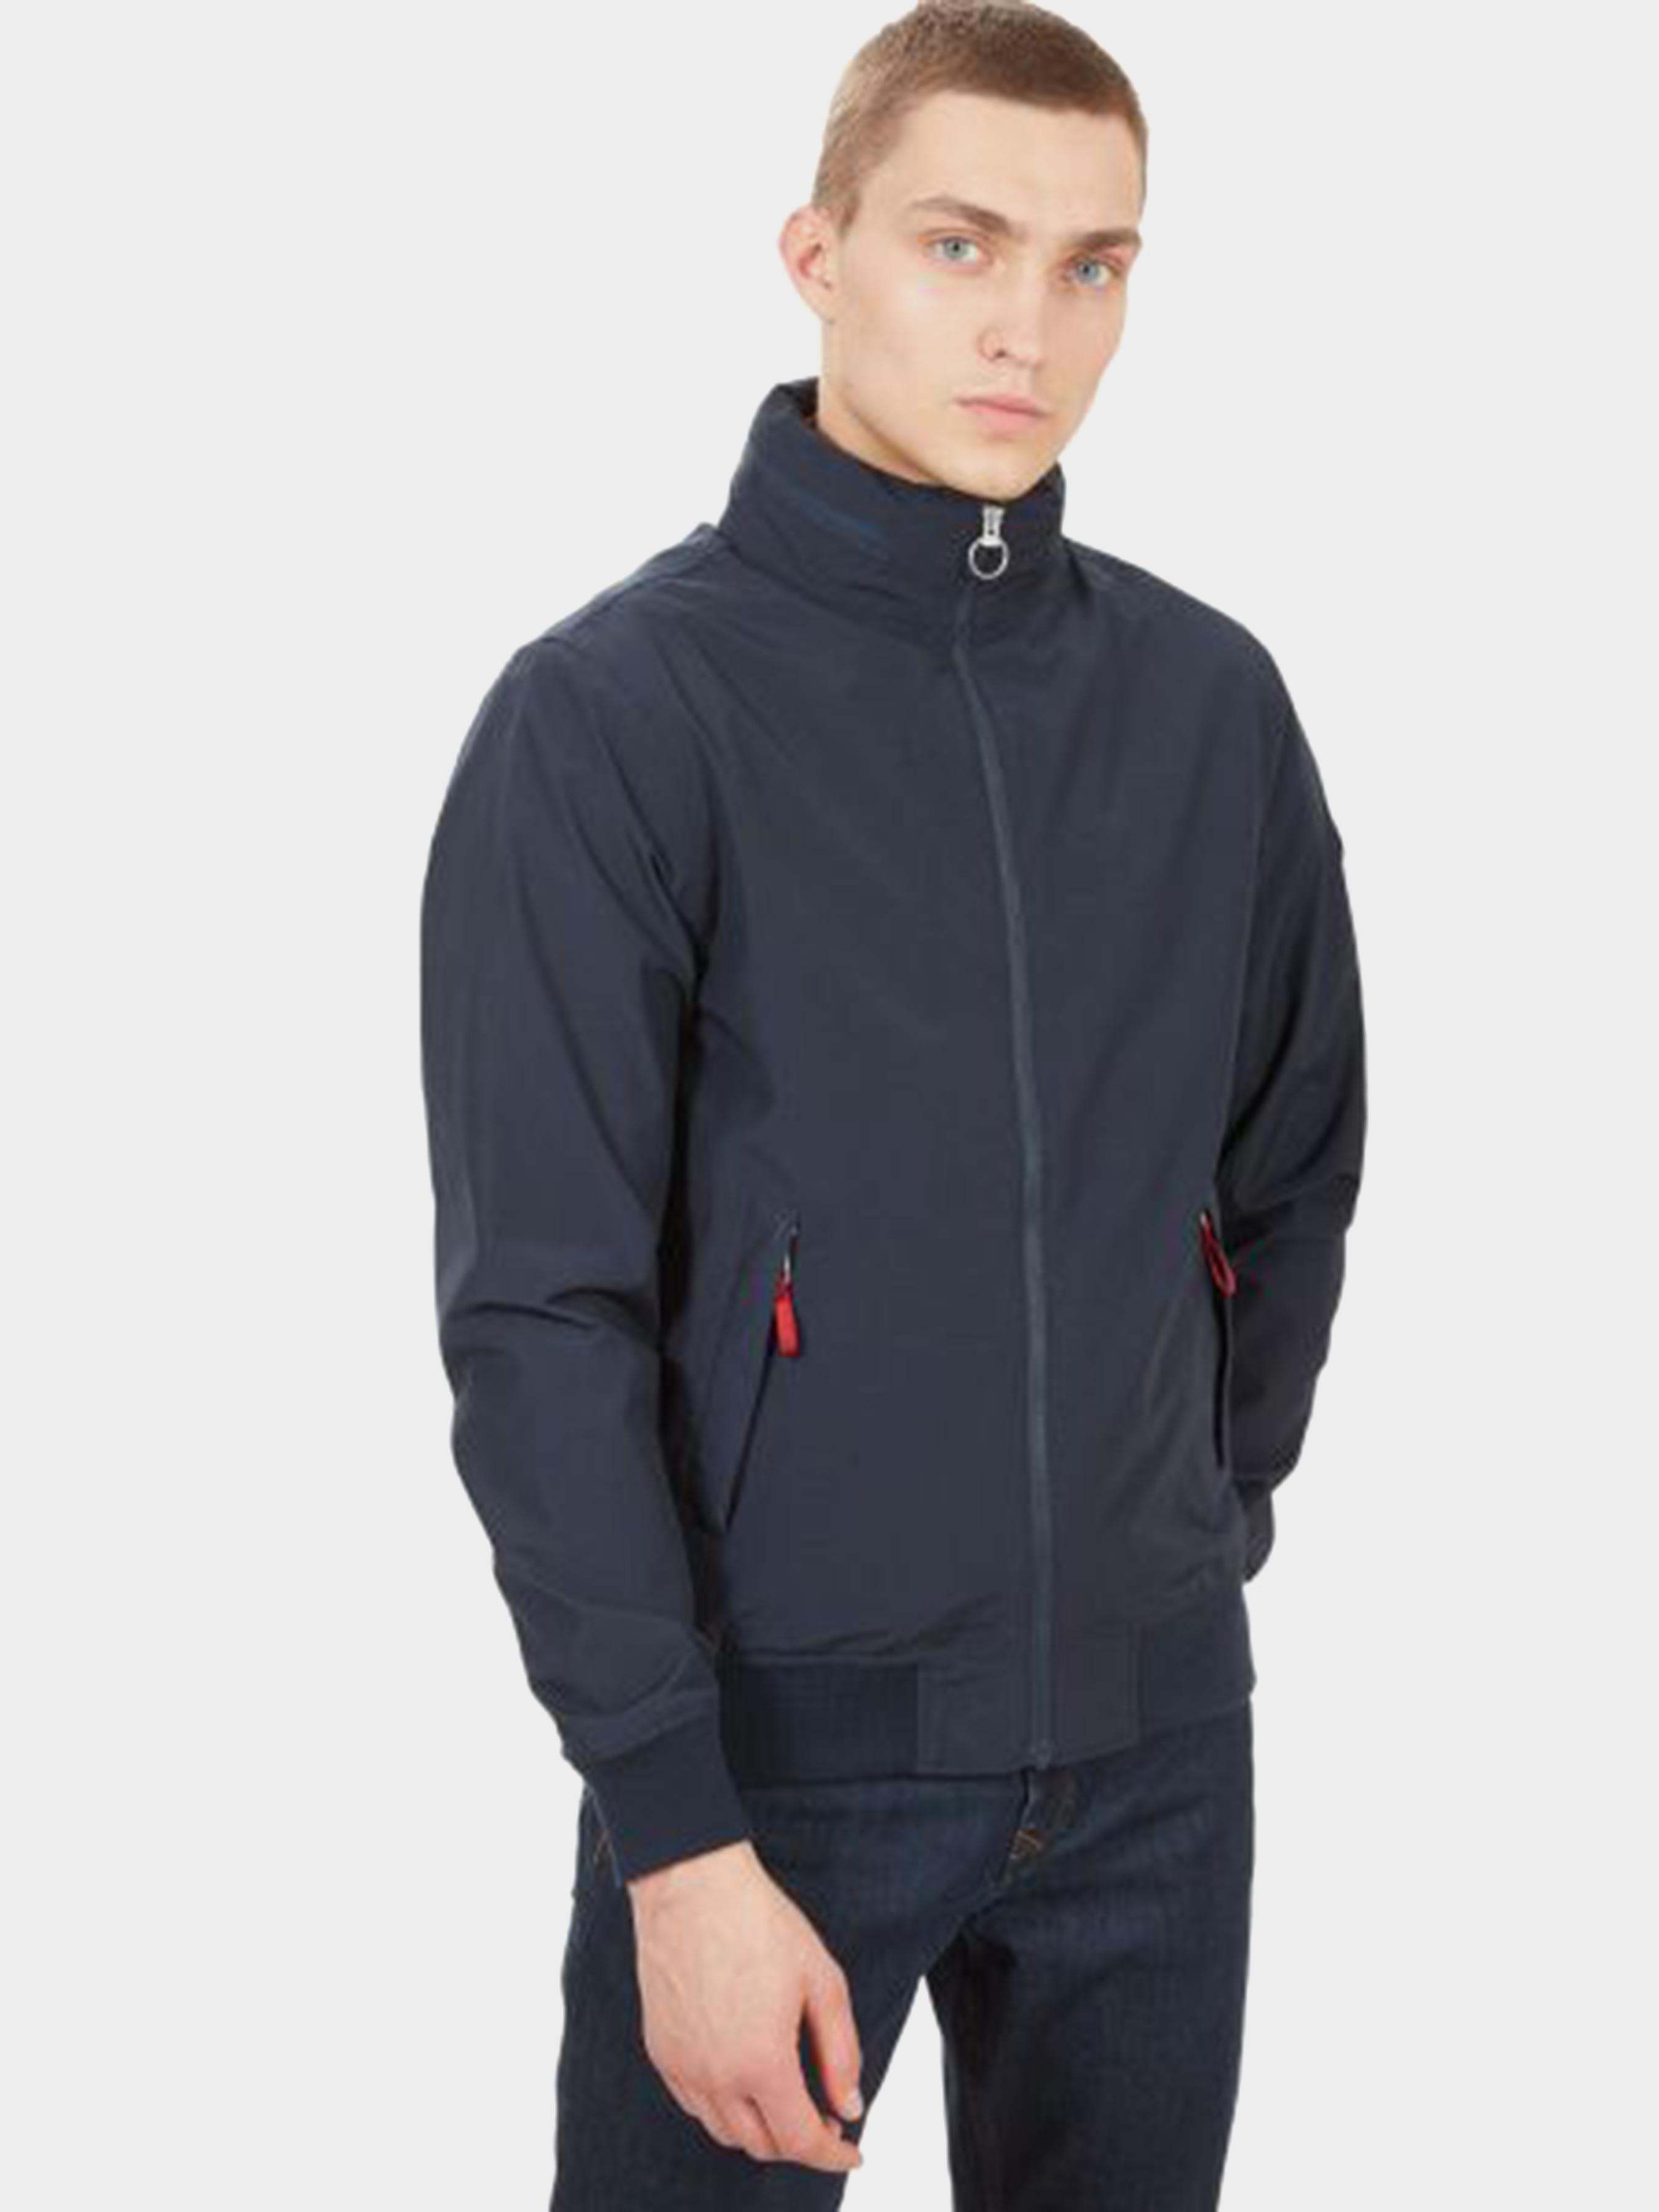 Куртка мужские Timberland модель TH5519 купить, 2017